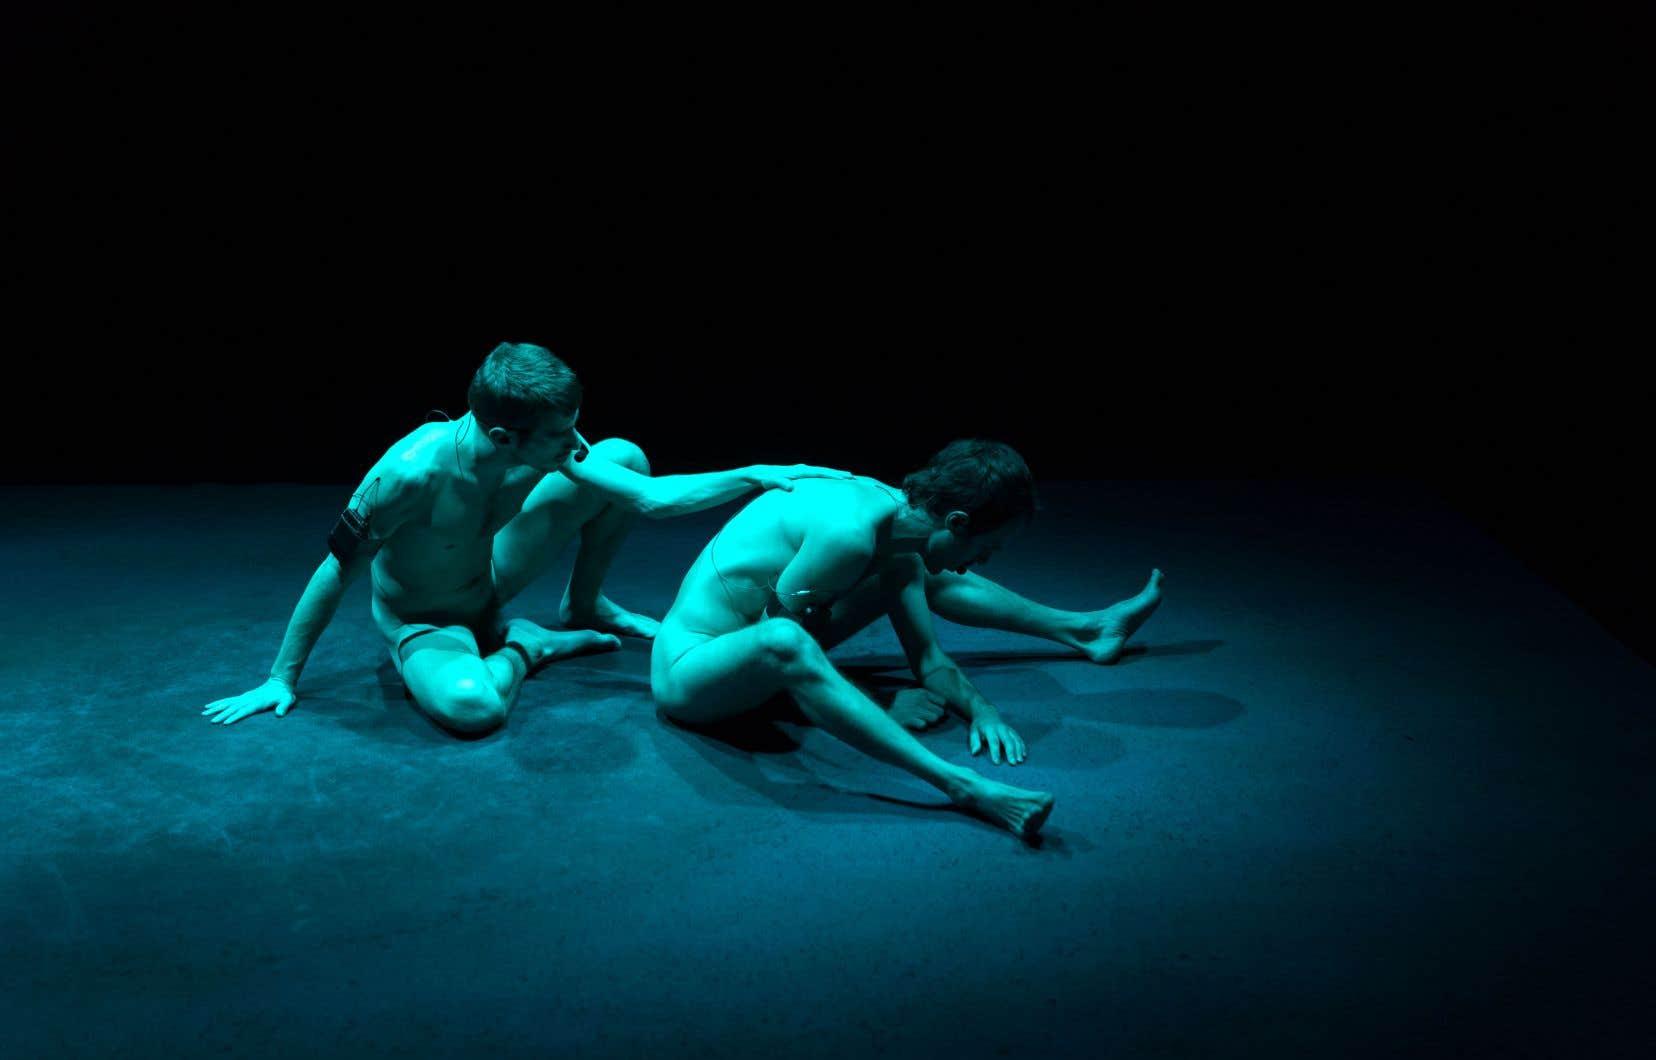 Au début de la pièce, le spectateur est visiteur. Les danseurs, nus, sont totalement exposés, en plein centre, alors que les gradins les entourent, disposés sur quatre côtés.